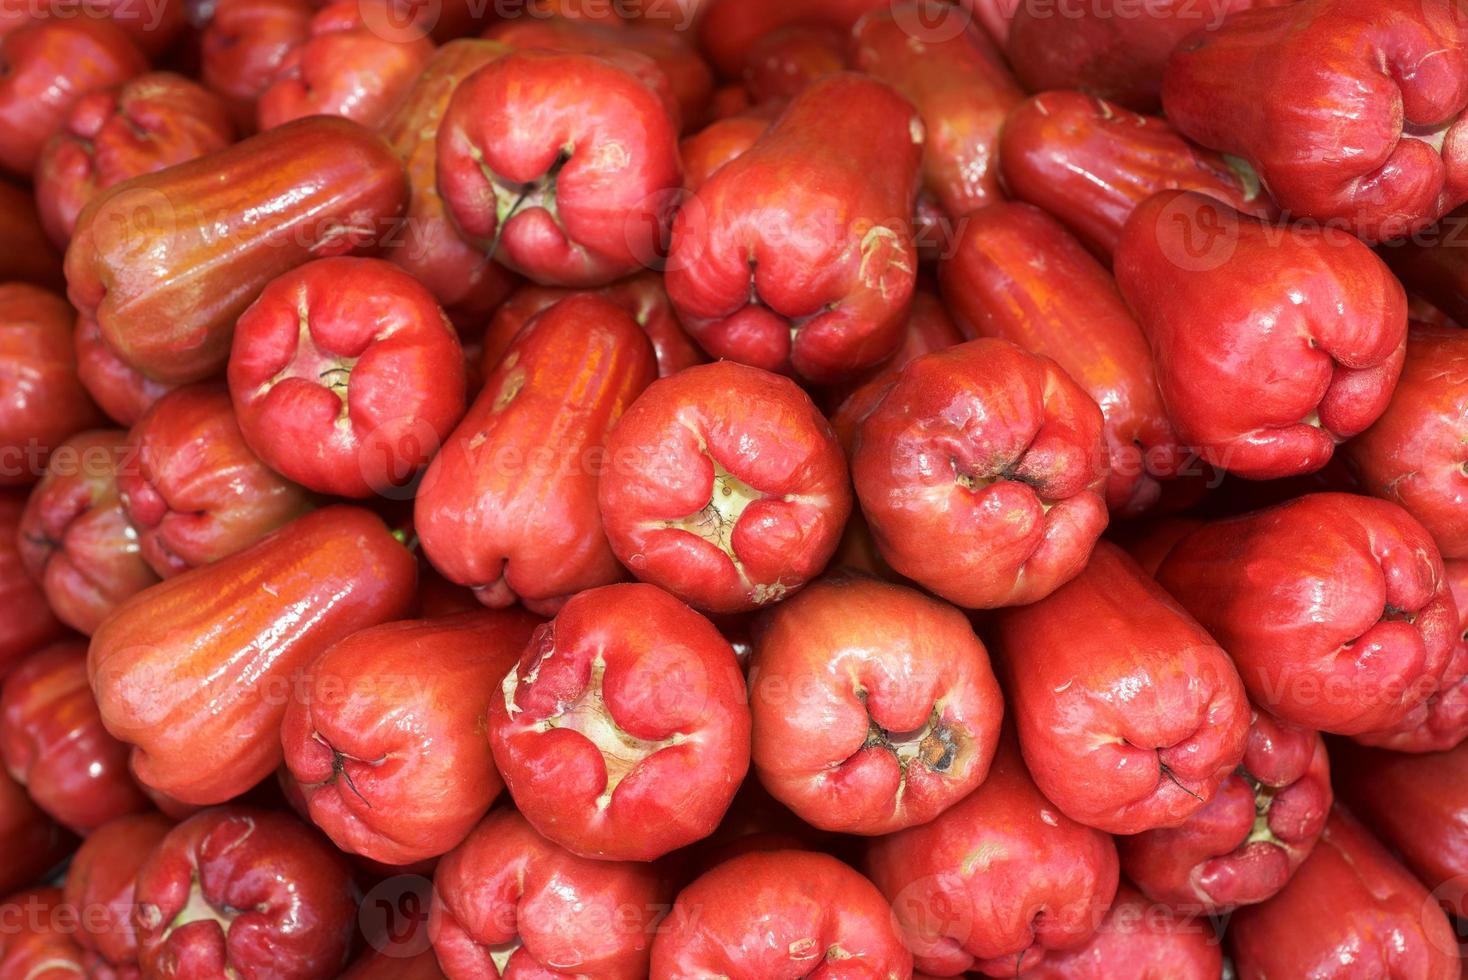 Rose apples on vegetables market photo